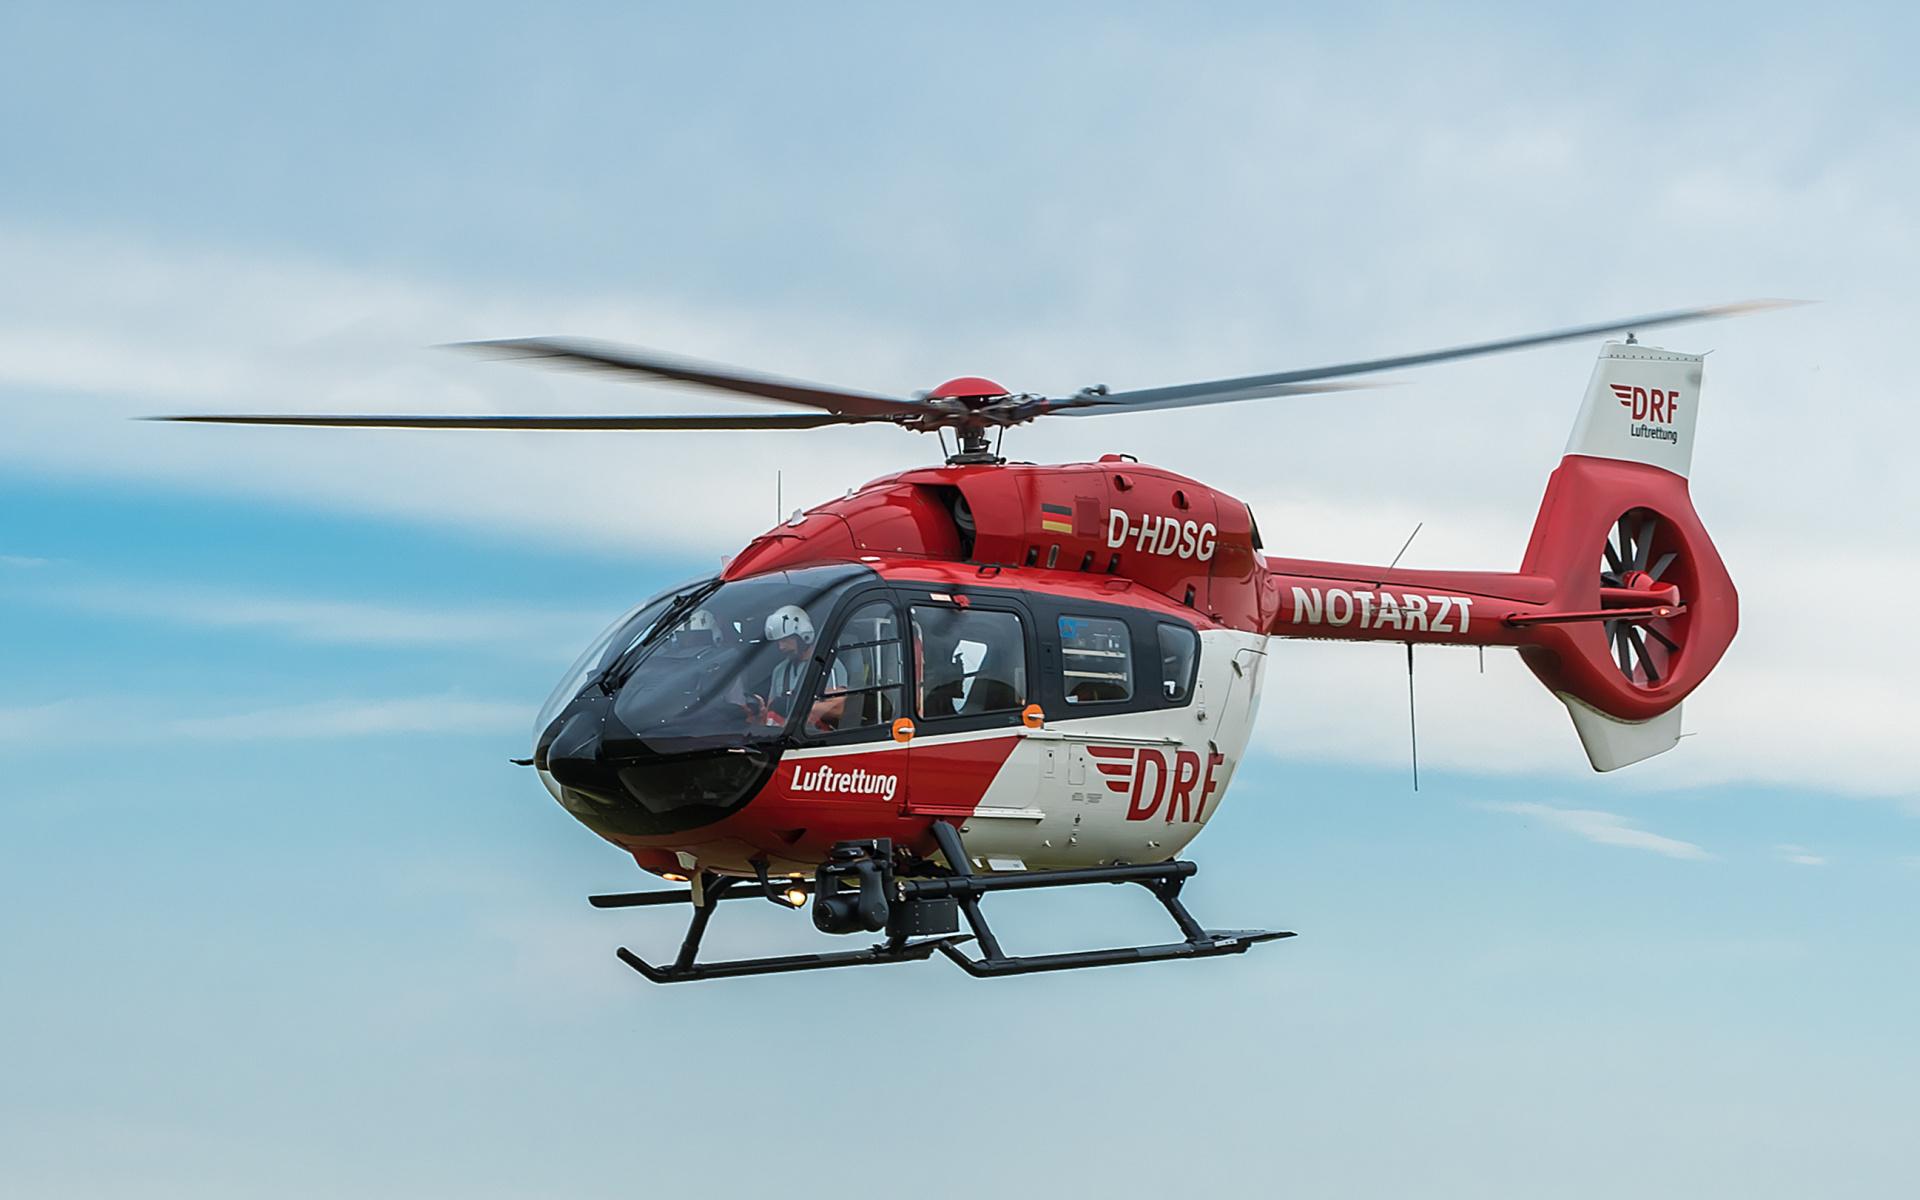 Hubschrauber des Typs H 145 der DRF Luftrettung im Einsatz.